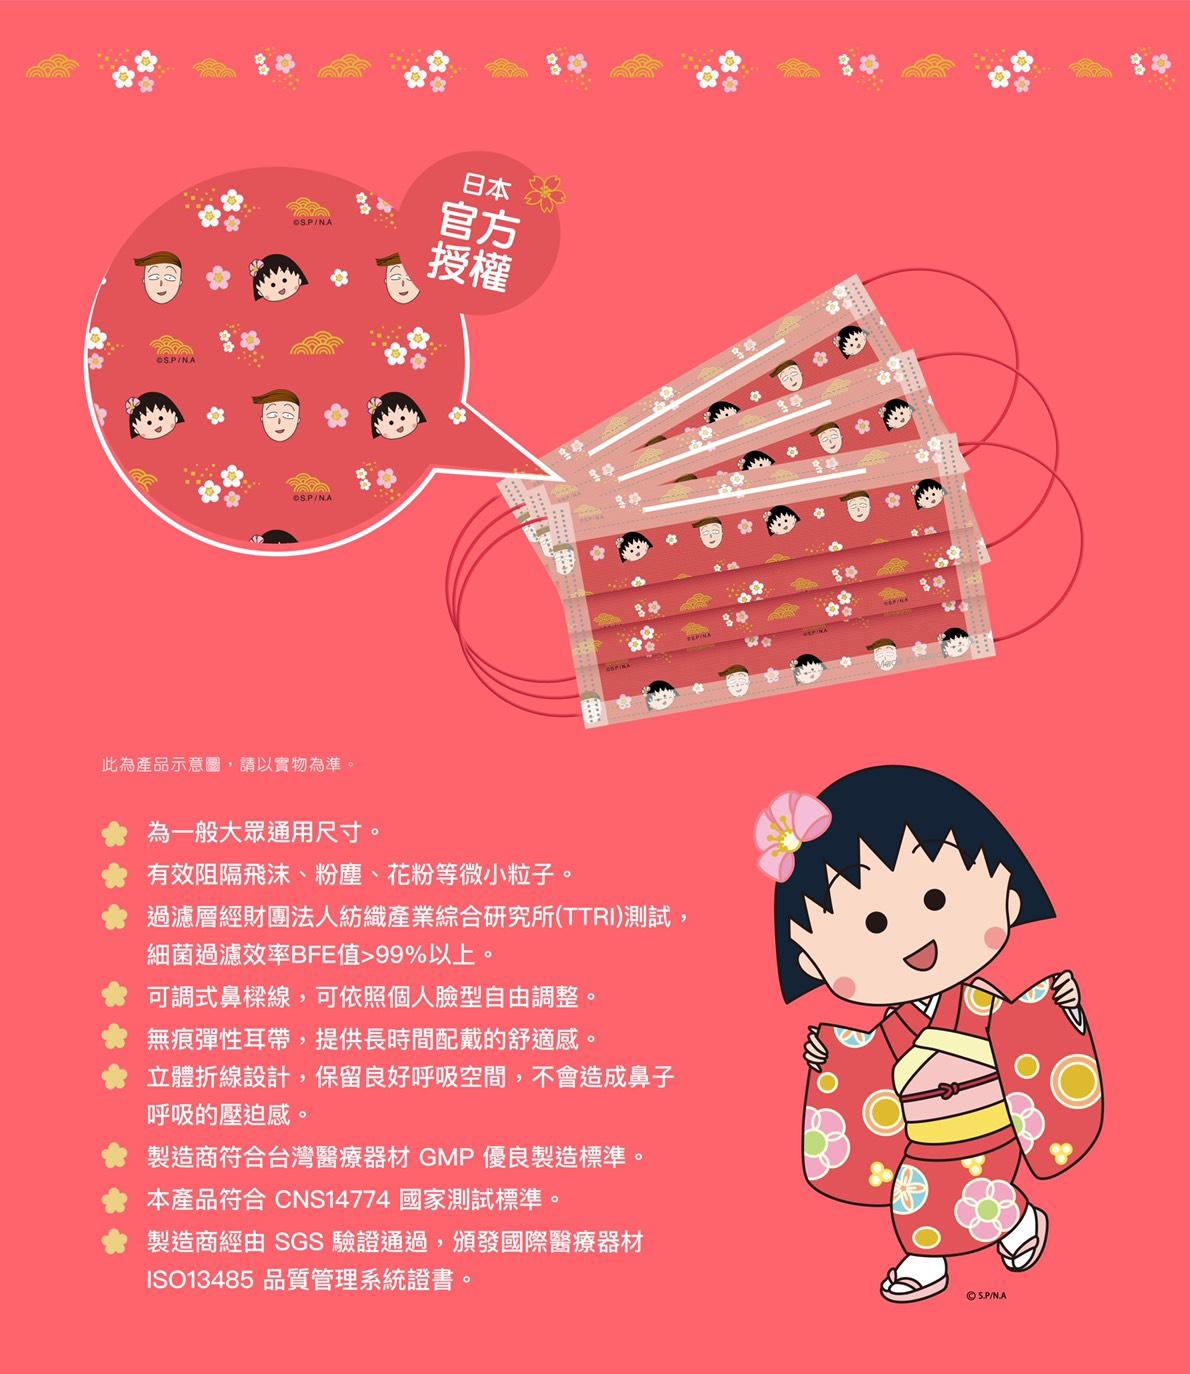 (限量)艾可兒櫻桃小丸子醫療口罩單片包裝花色隨機兒童3盒36入588元